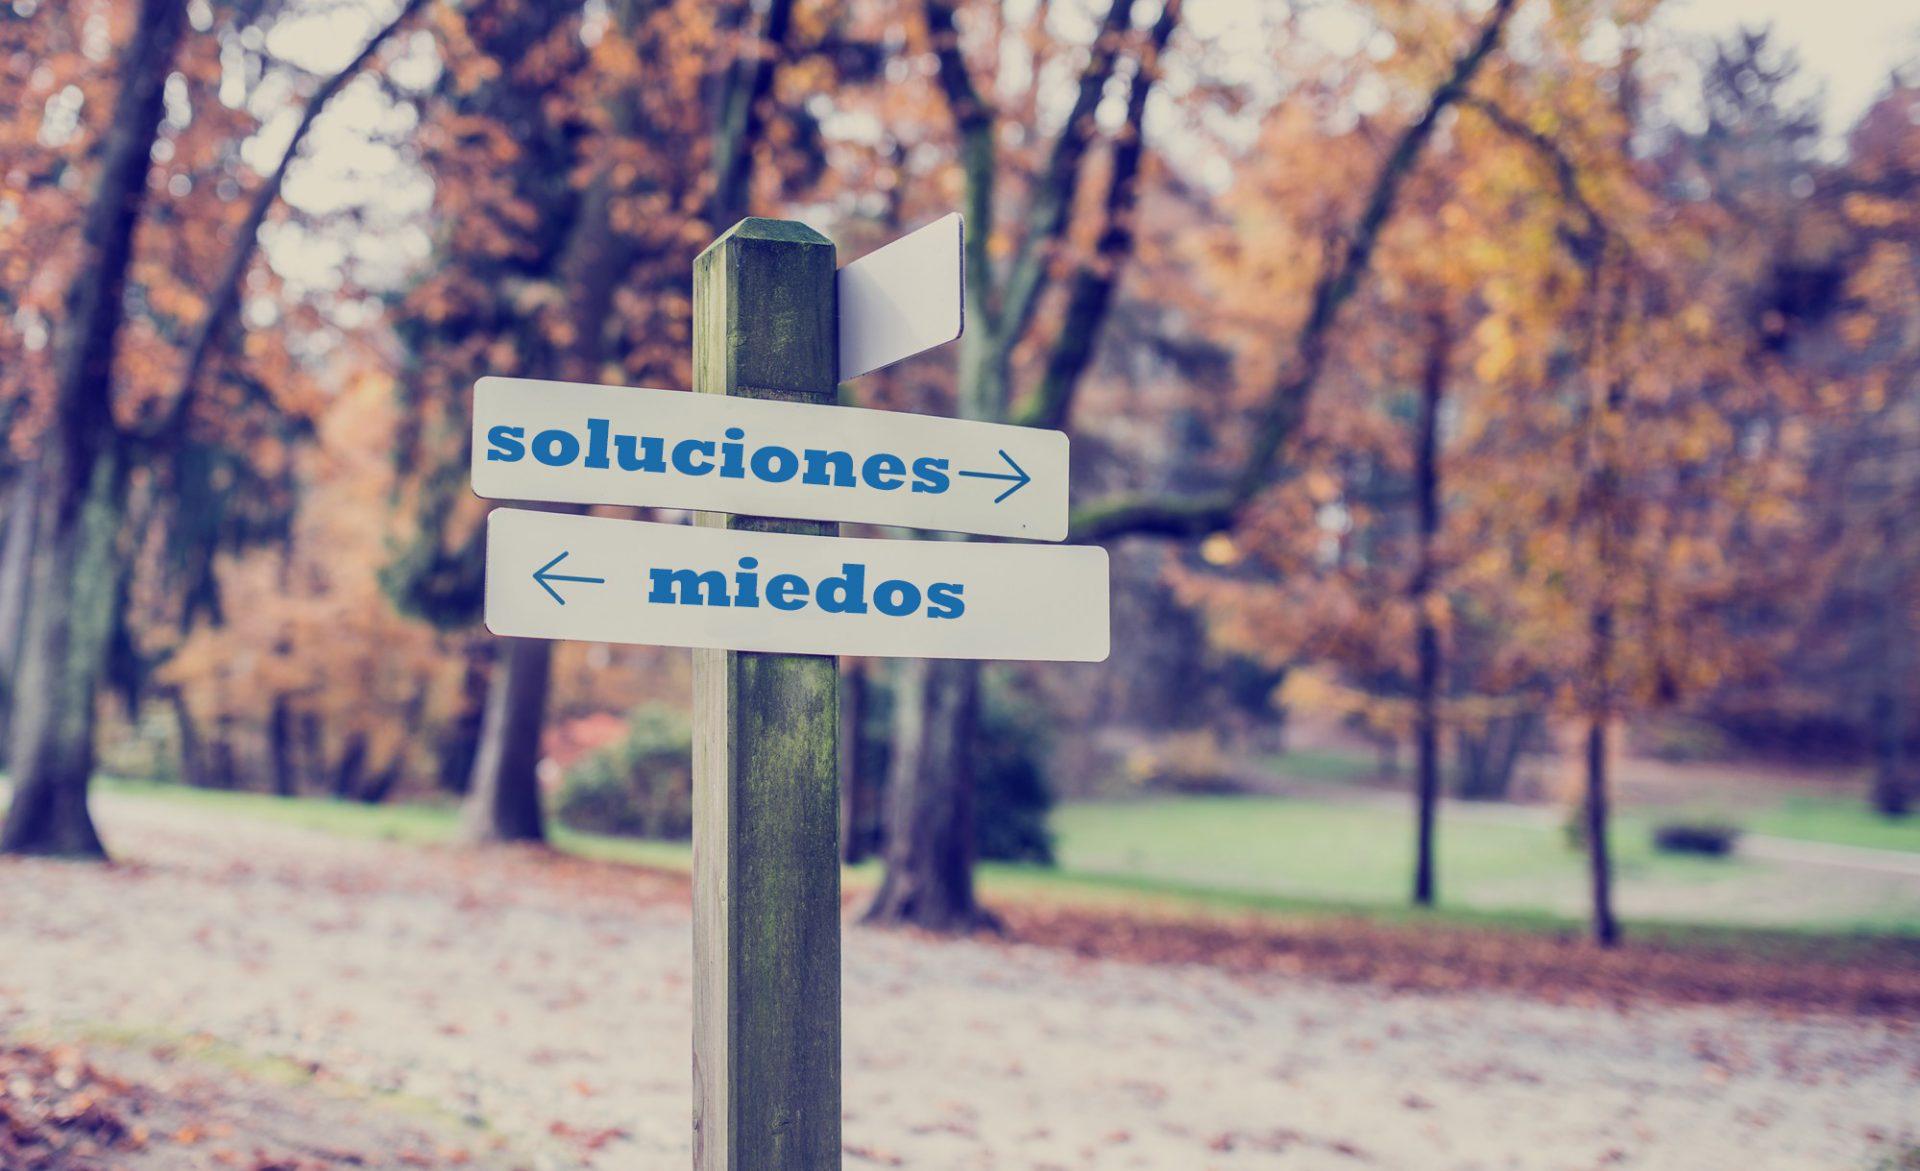 Psicología Valladolid. Terapia para resolver problemas de ansiedad, miedo o depresión.